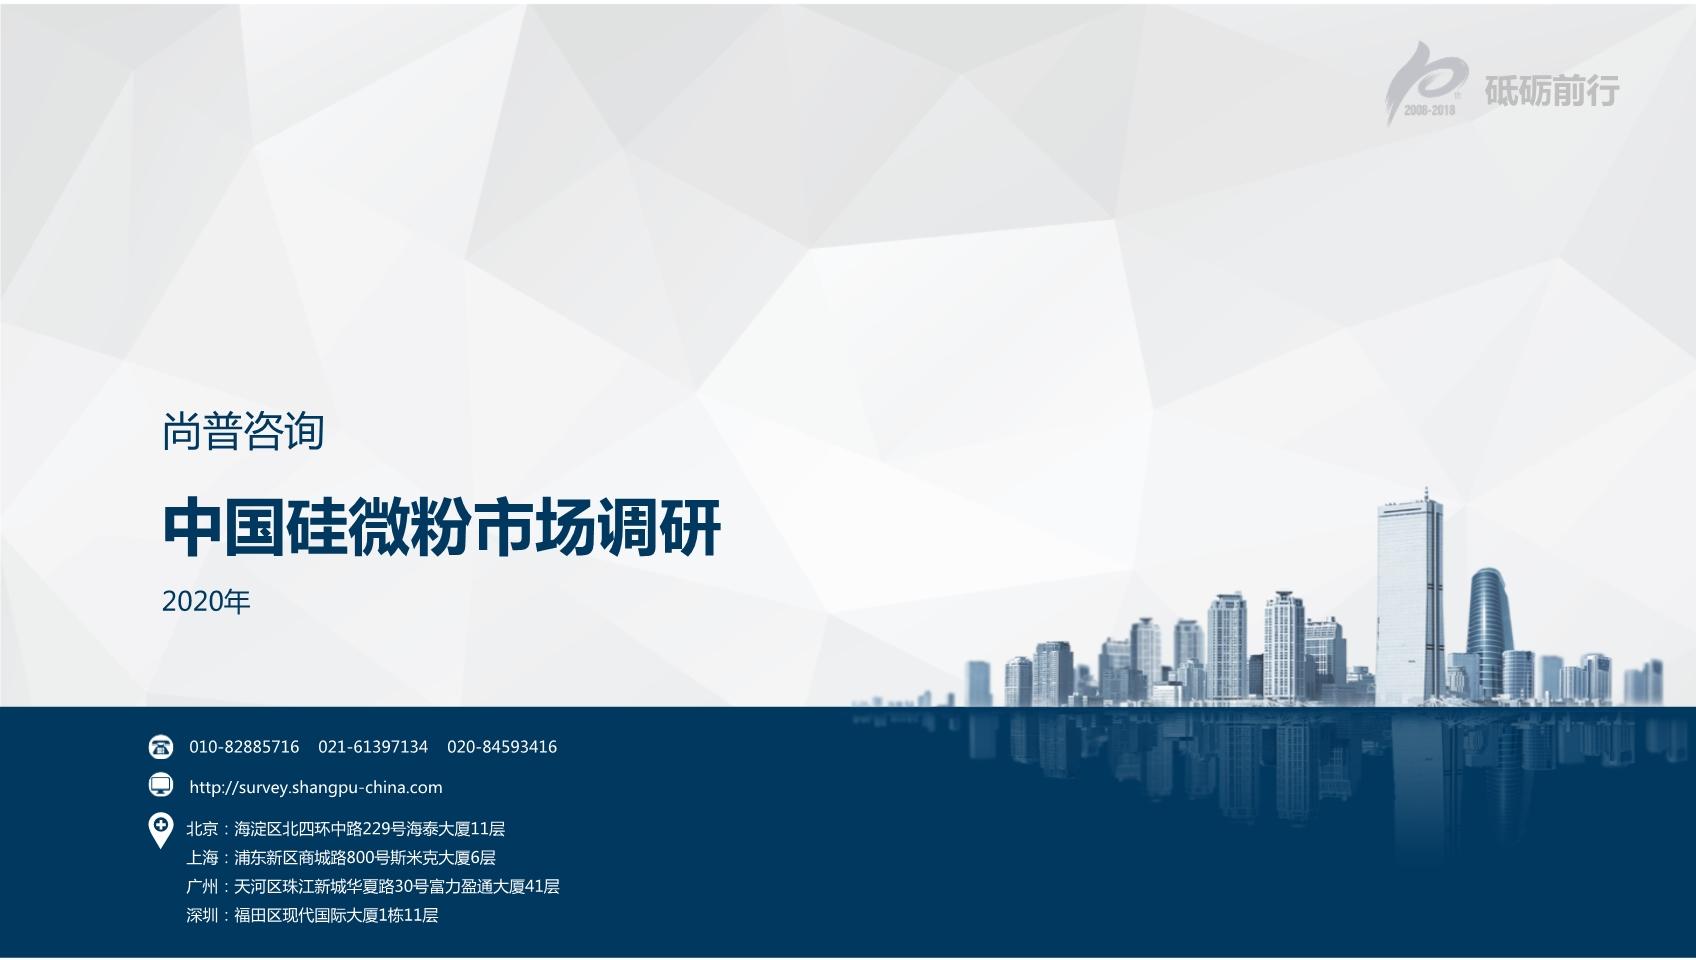 尚普咨询:2020年中国硅微粉市场调研